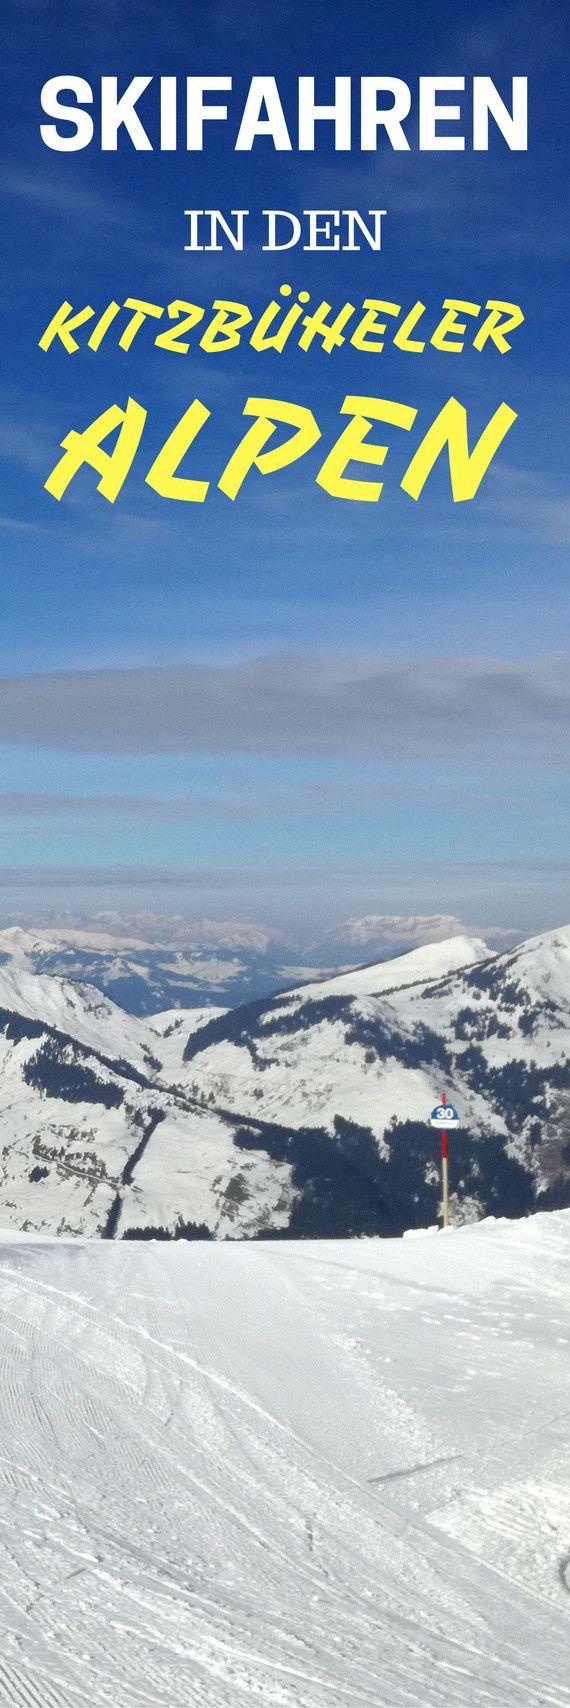 Skifahren in den Kitzbüheler Alpen: Traumhafter Winterurlaub in den Bergen